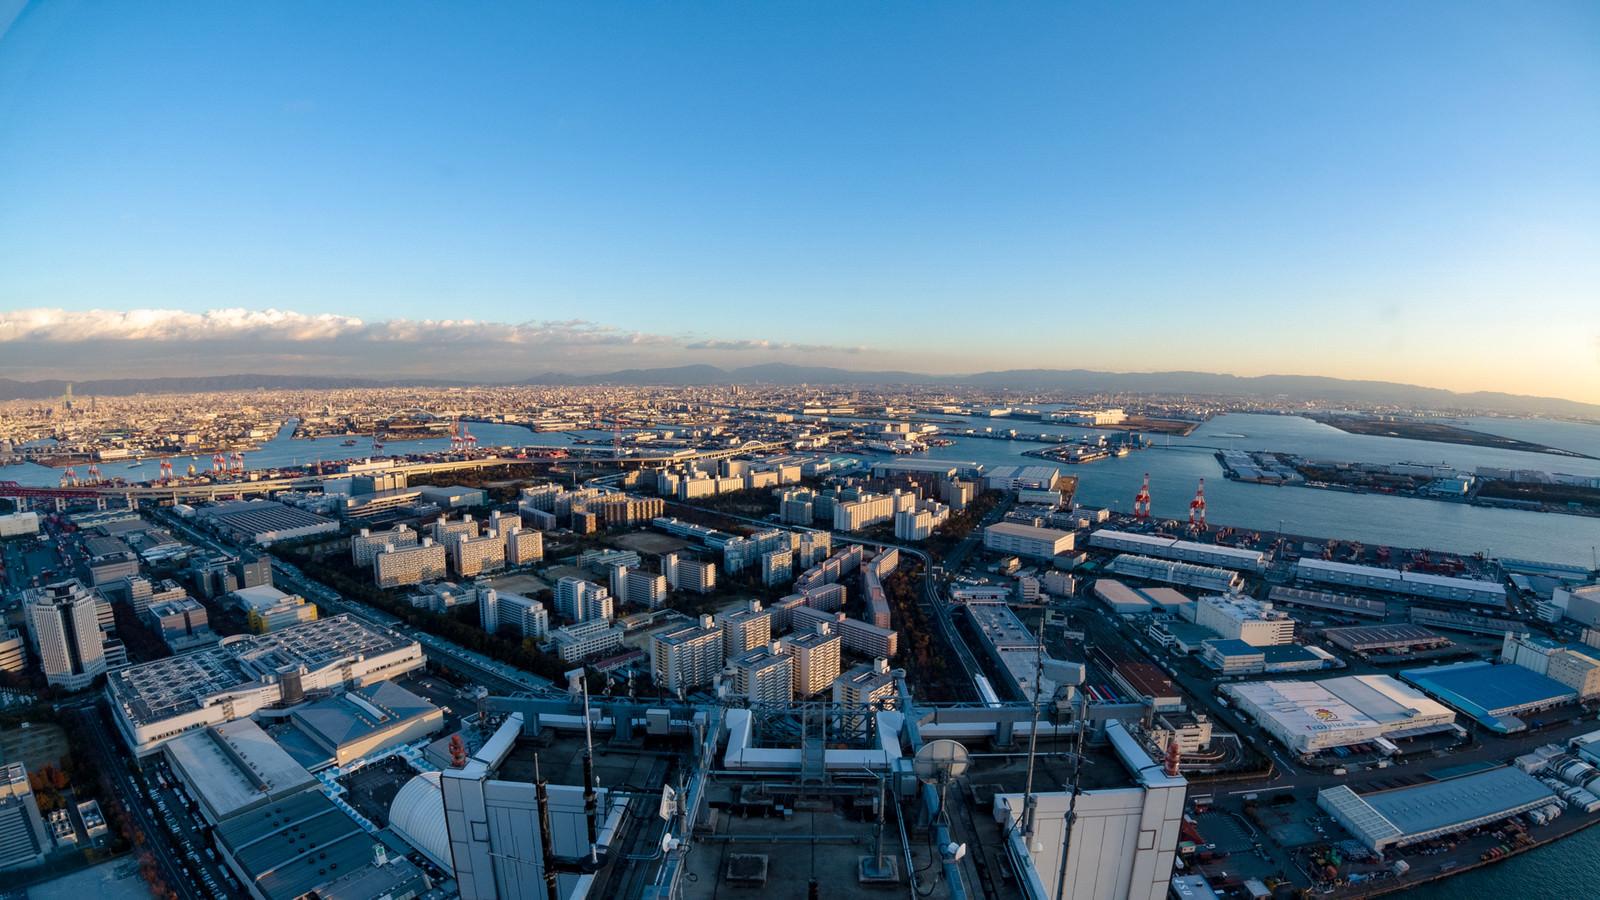 「大阪府咲洲庁舎展望台から見た街並み」の写真